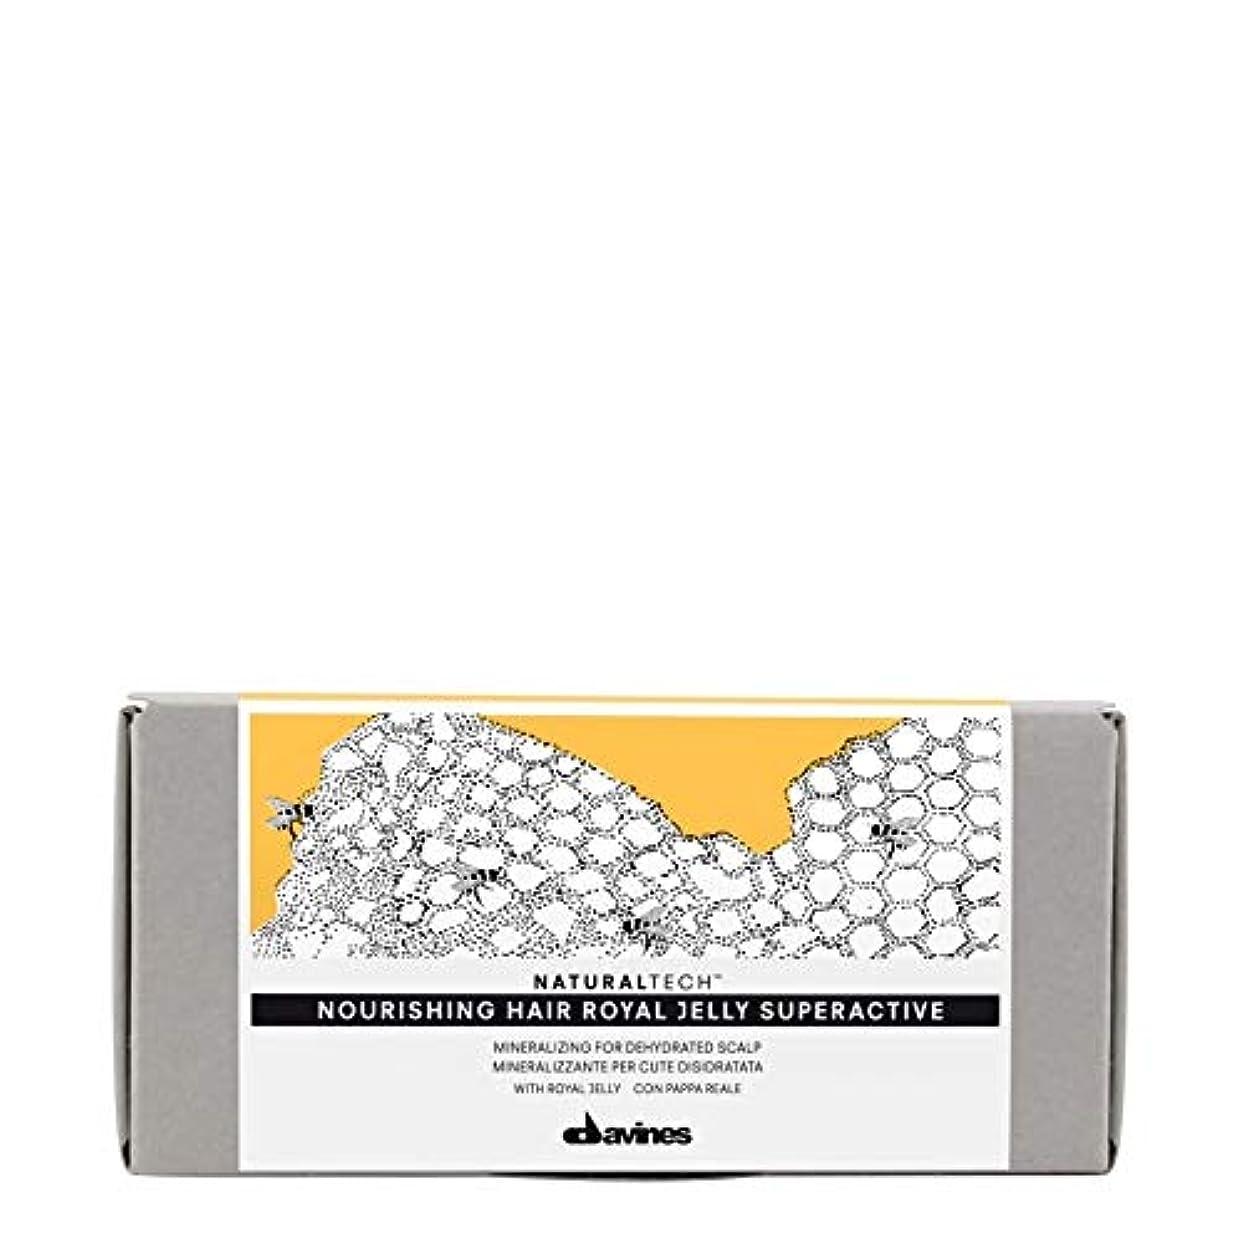 巨人課税問い合わせる[Davines ] ダヴィネス栄養髪ローヤルゼリー超活性 - Davines Nourishing Hair Royal Jelly Superactive [並行輸入品]